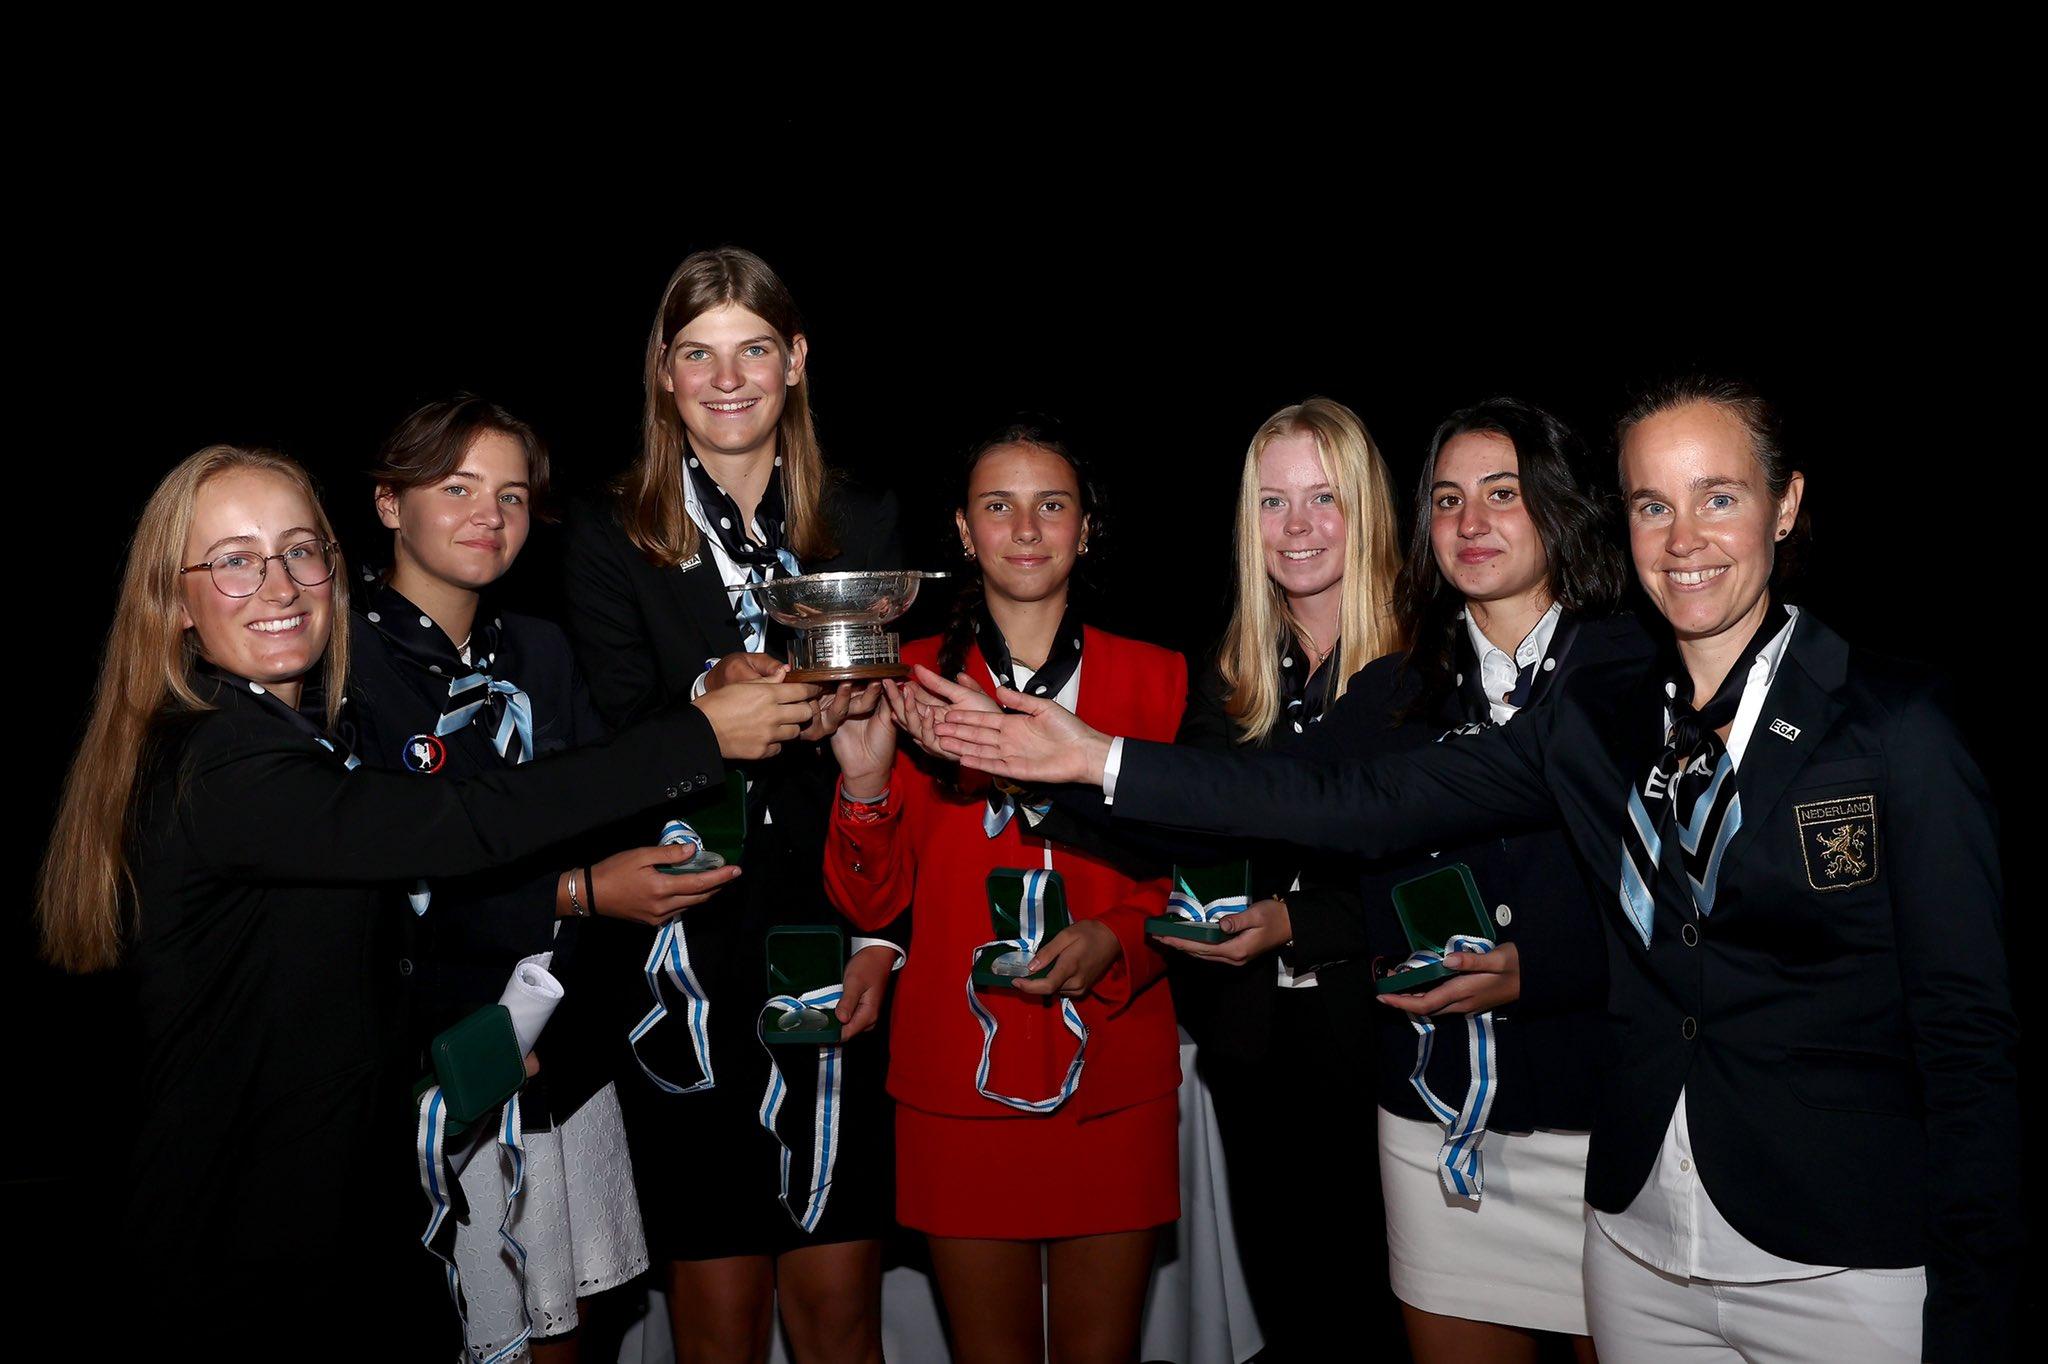 El equipo de Europa continental del Junior Vagliano Trophy, con Cayetana Fernández, en medio, de rojo. Foto: The R&A